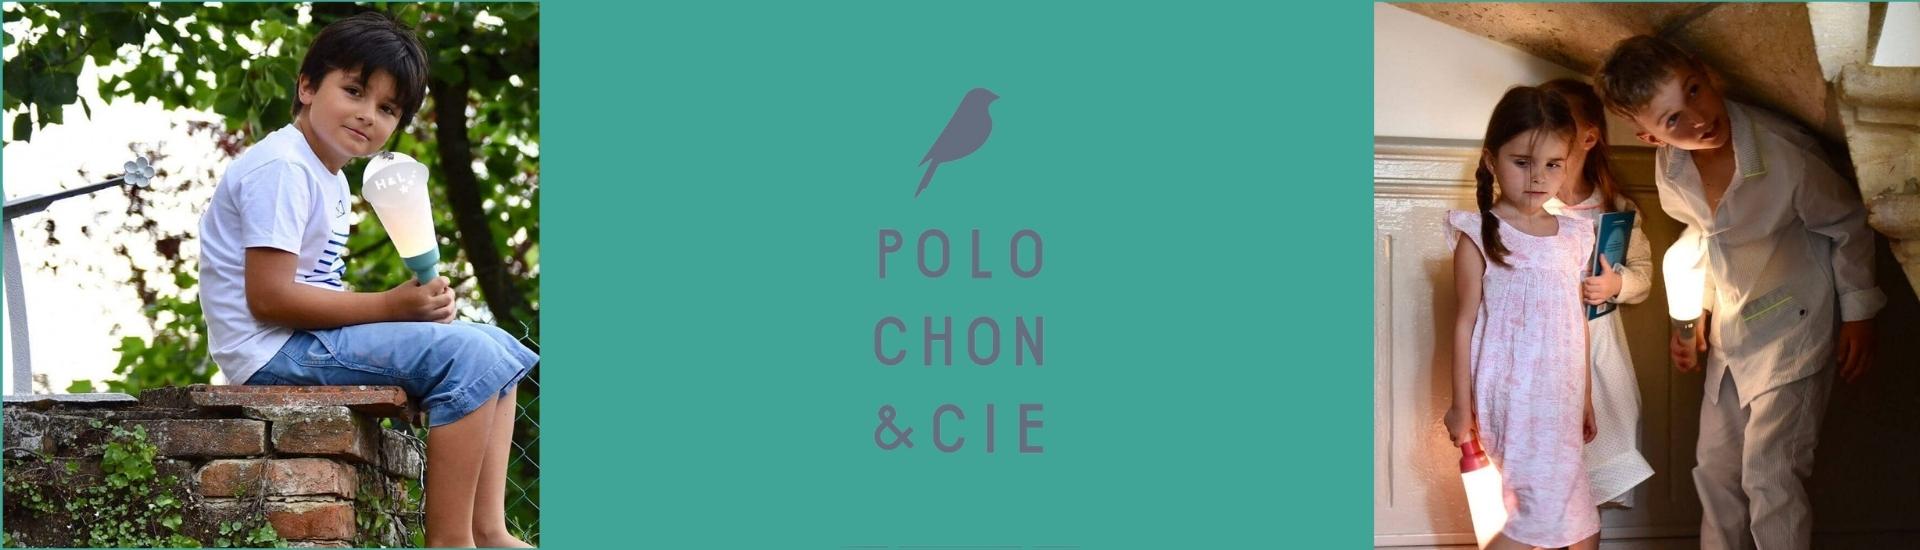 Polochon & Cie sur Casalou